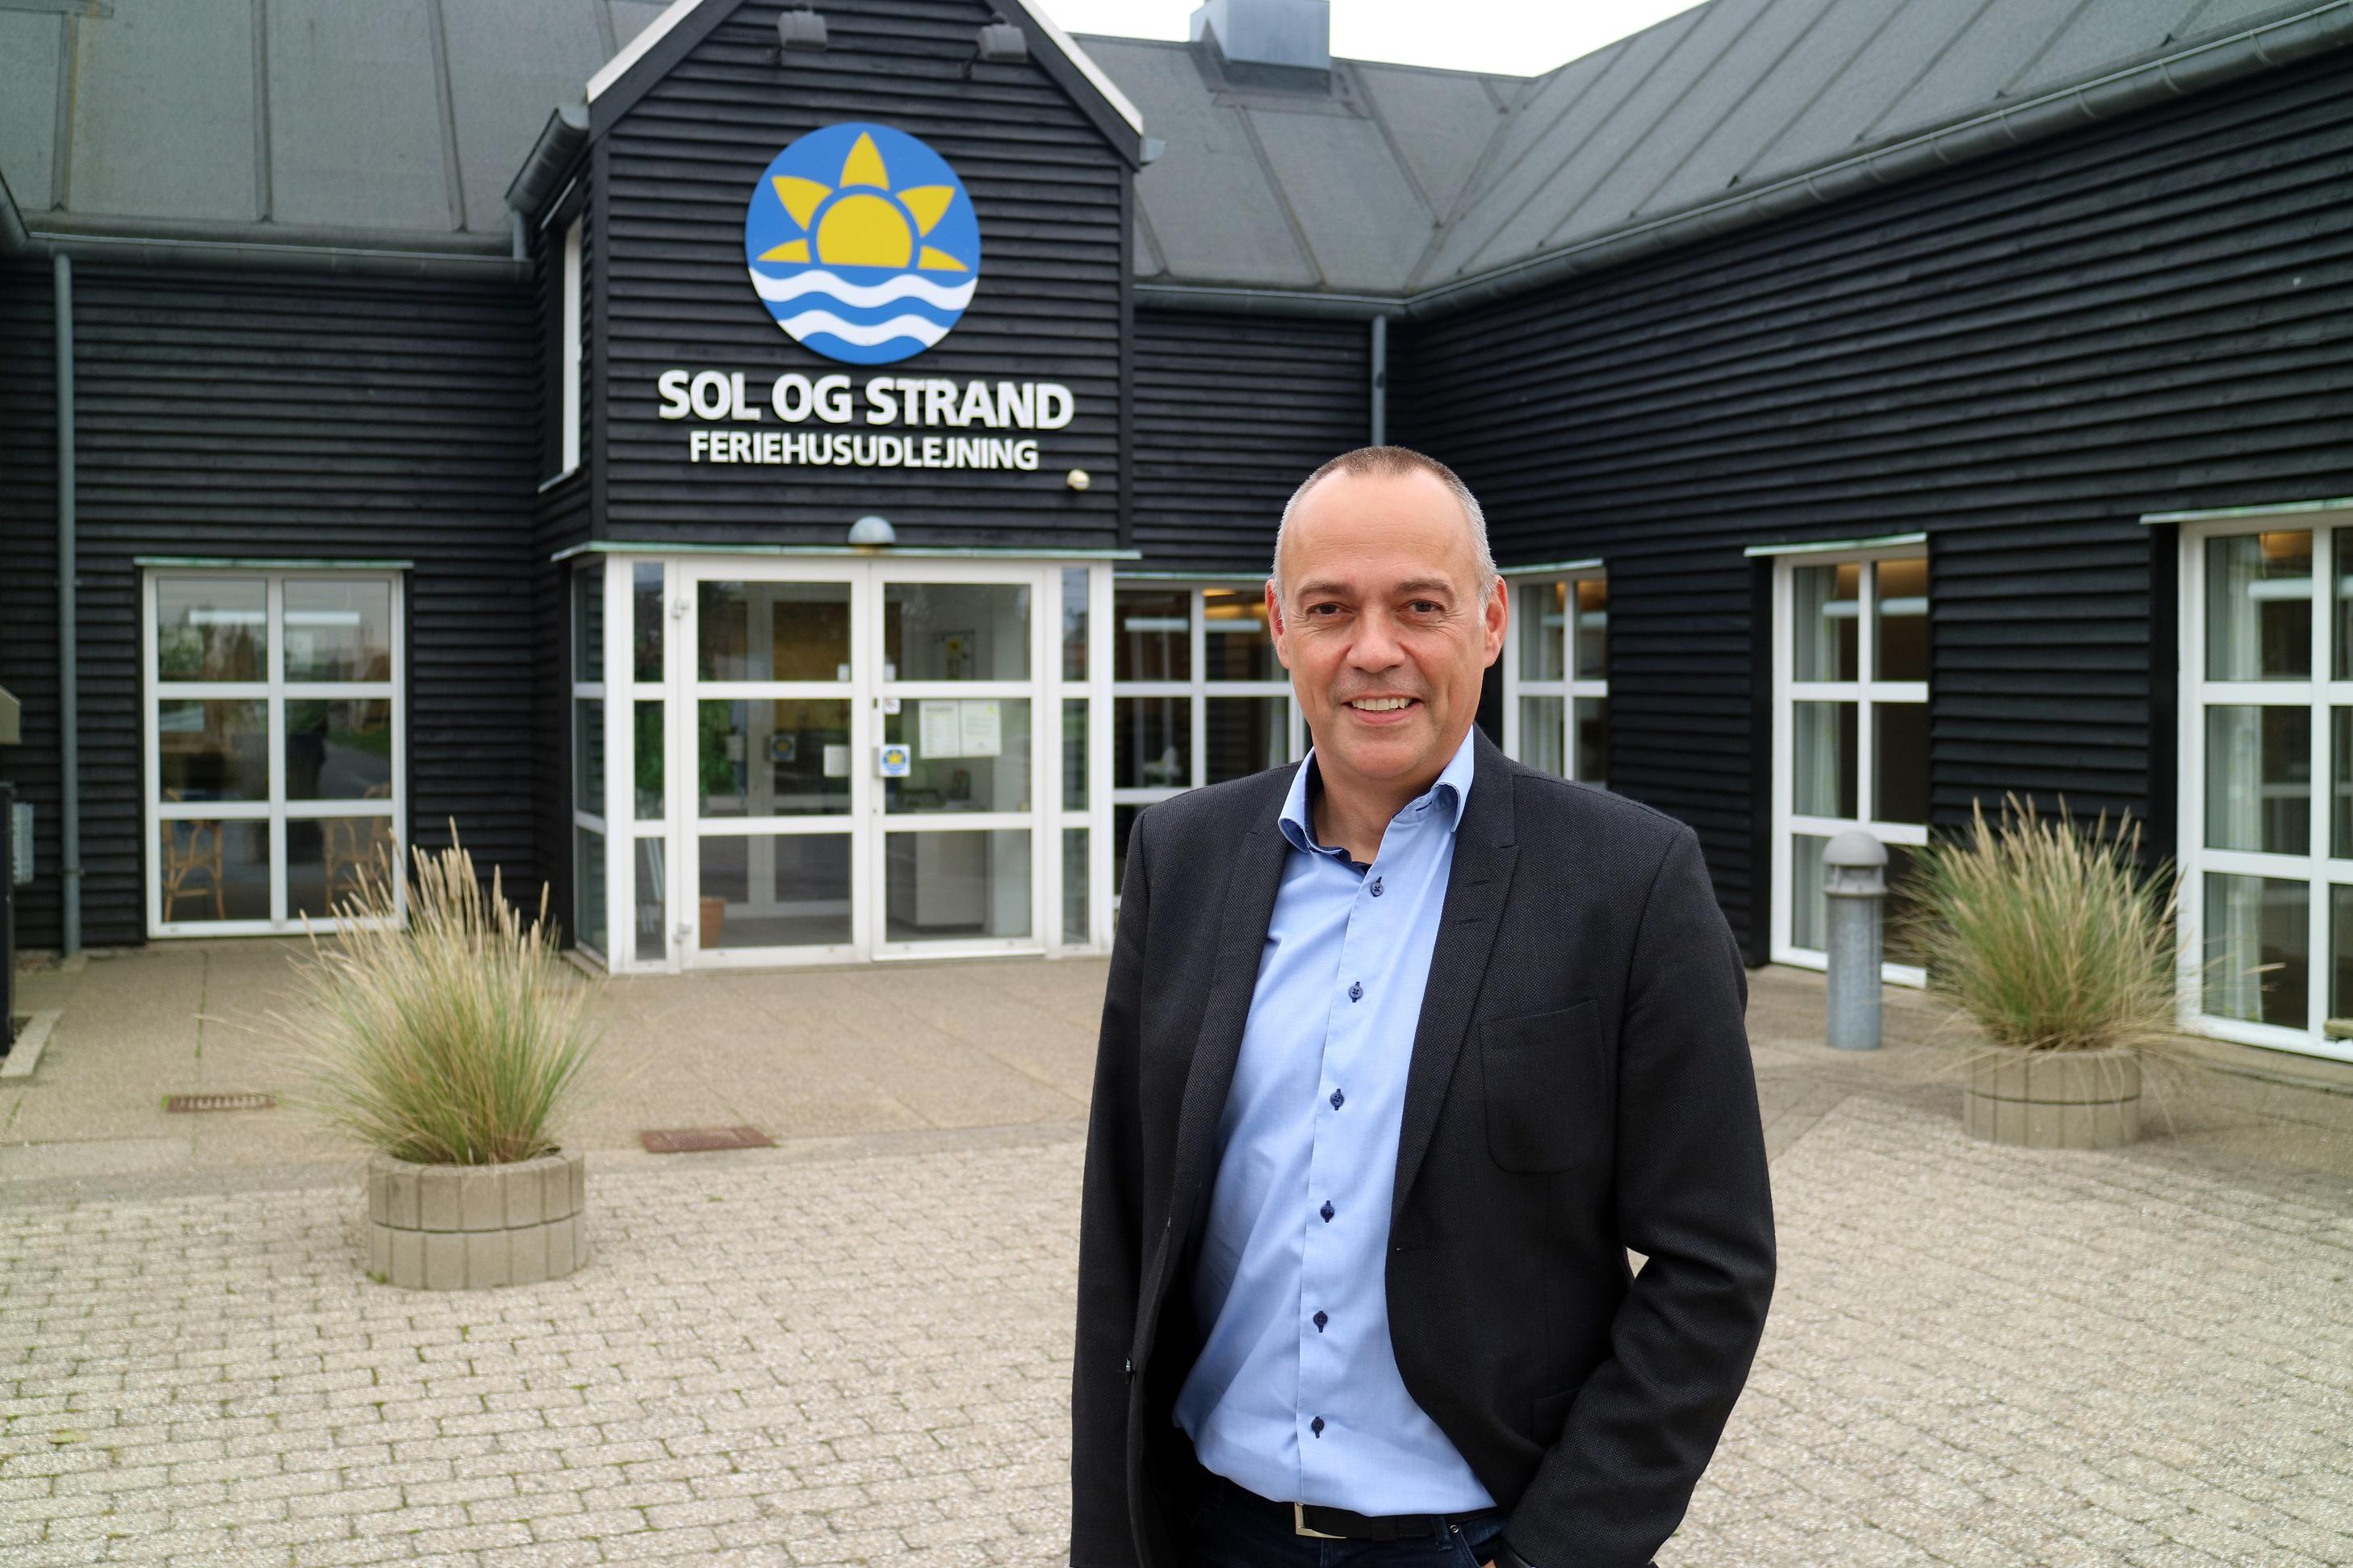 Per Dam Jensen stopper som administrerende direktør for Fårup Sommerland for at tiltræde tilsvarende stilling hos Sol og Strand Feriehusudlejning. PR-foto.